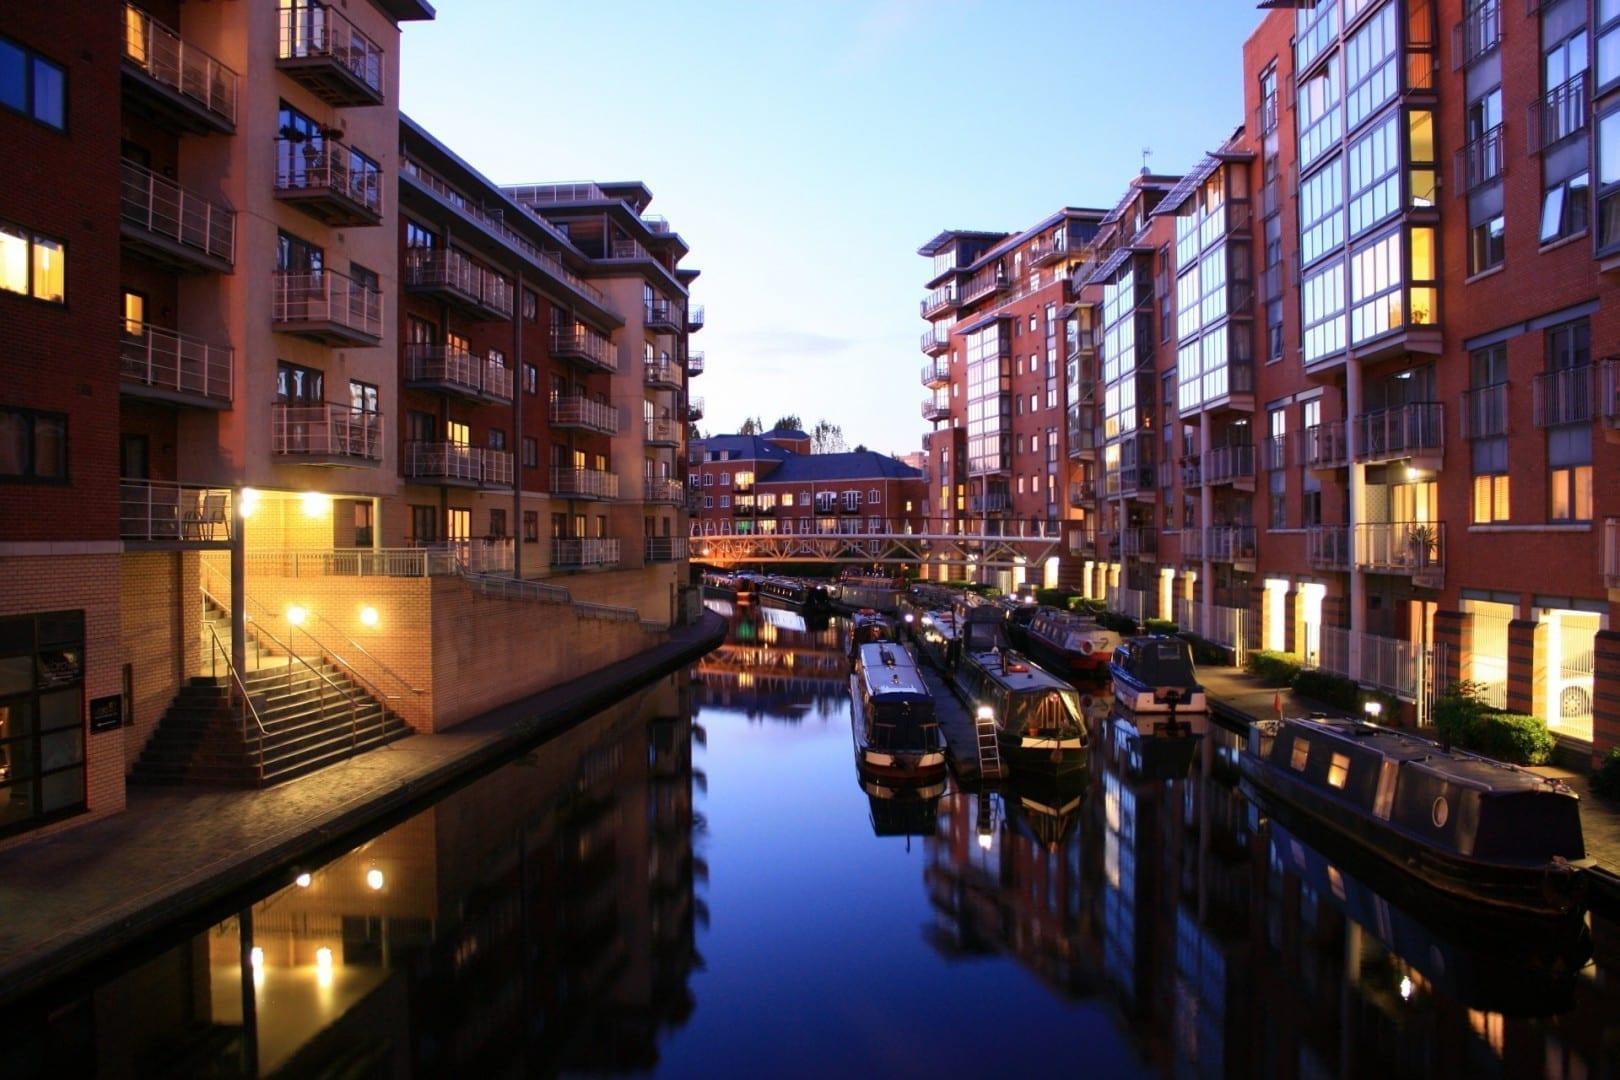 Birmingham es conocida por sus canales Birmingham Reino Unido